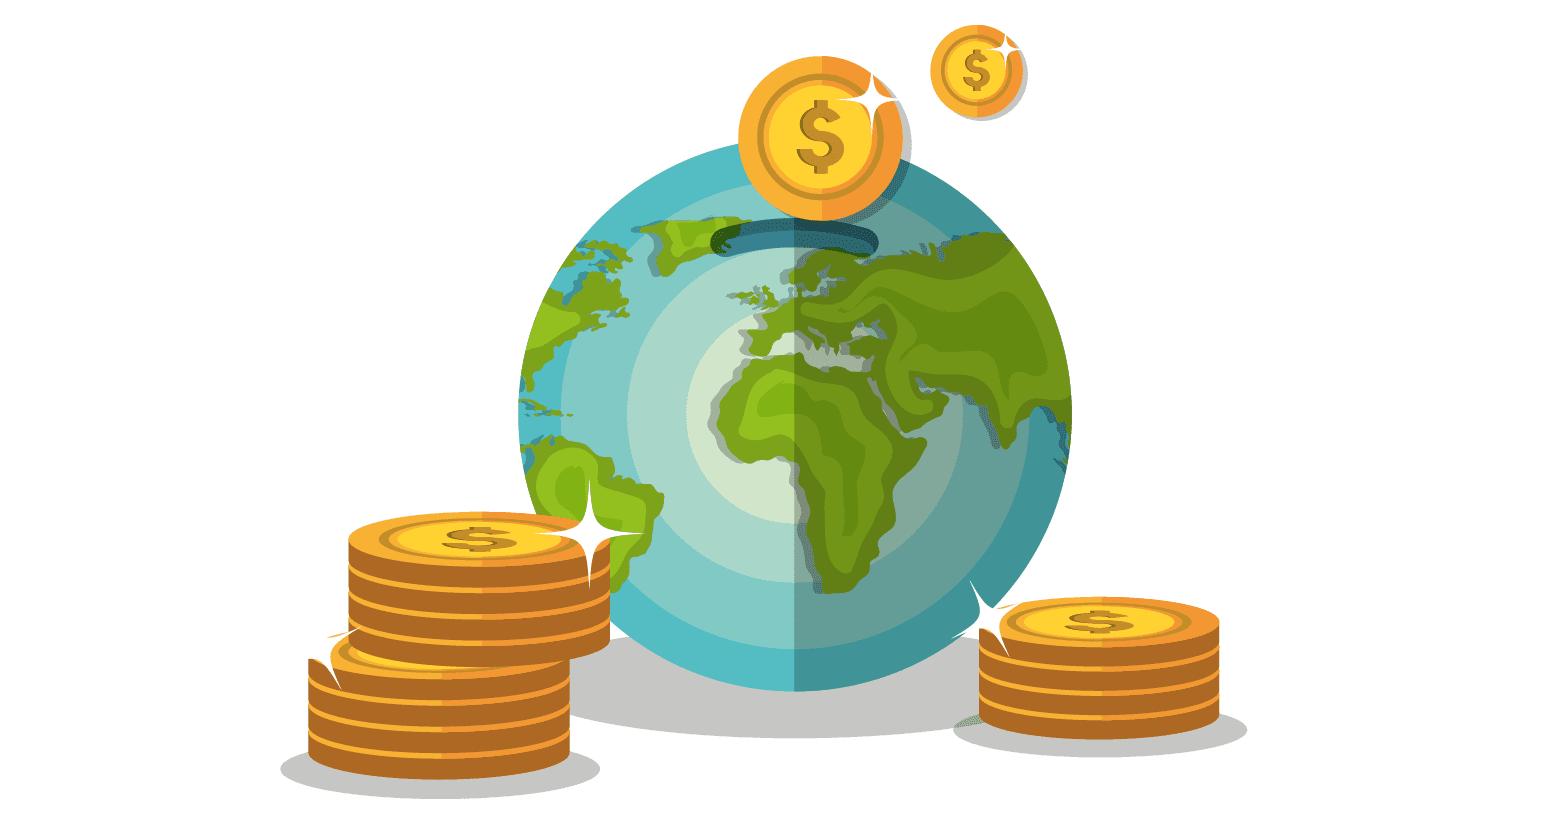 Ilustração com o globo da Terra e várias moedas